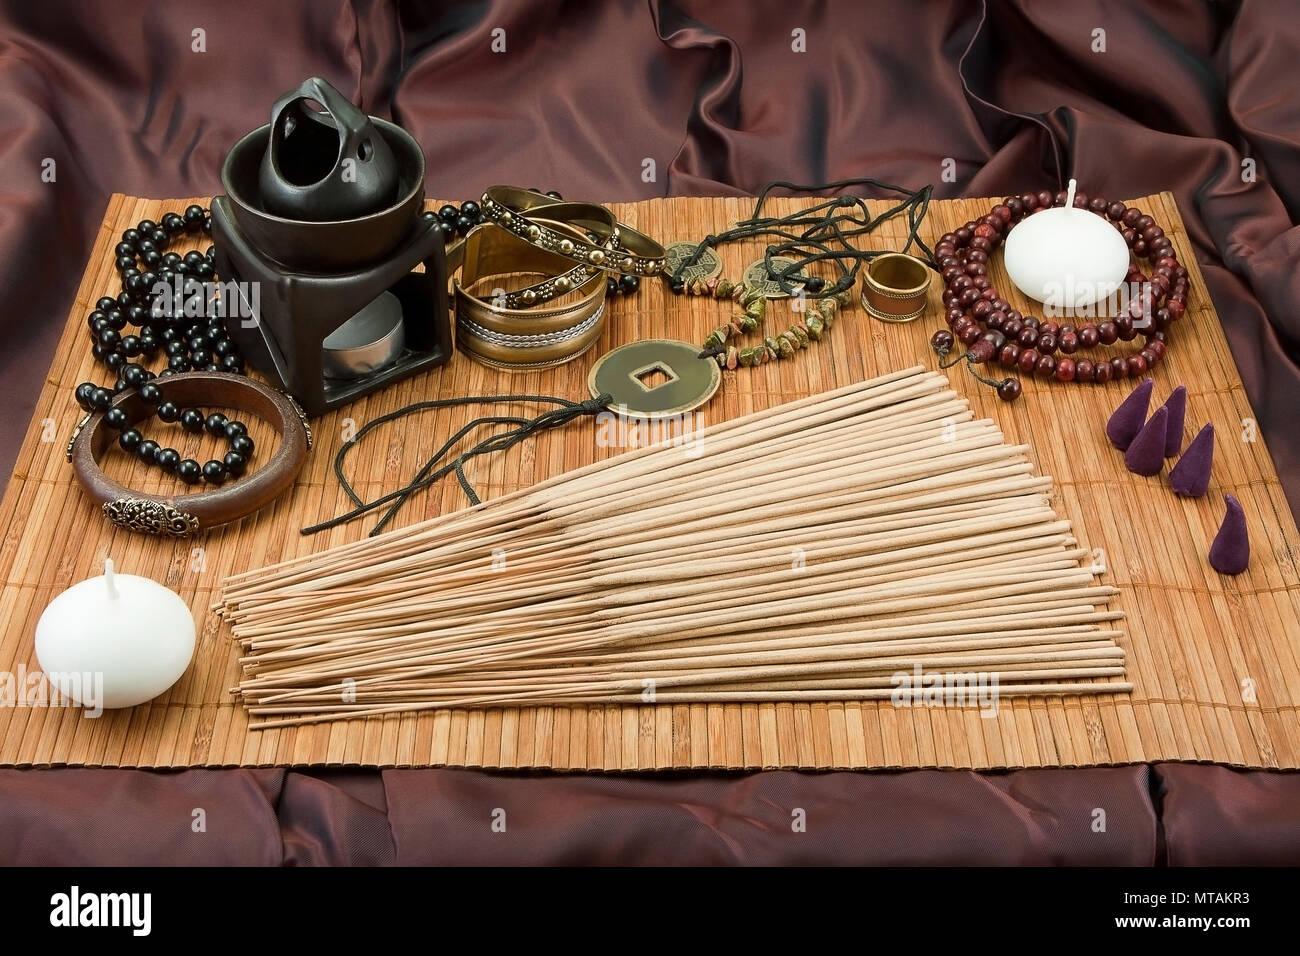 Ancora in vita con spezie, accessori buddista, spezie indiane, gioielli vedica, impostato per il relax Immagini Stock